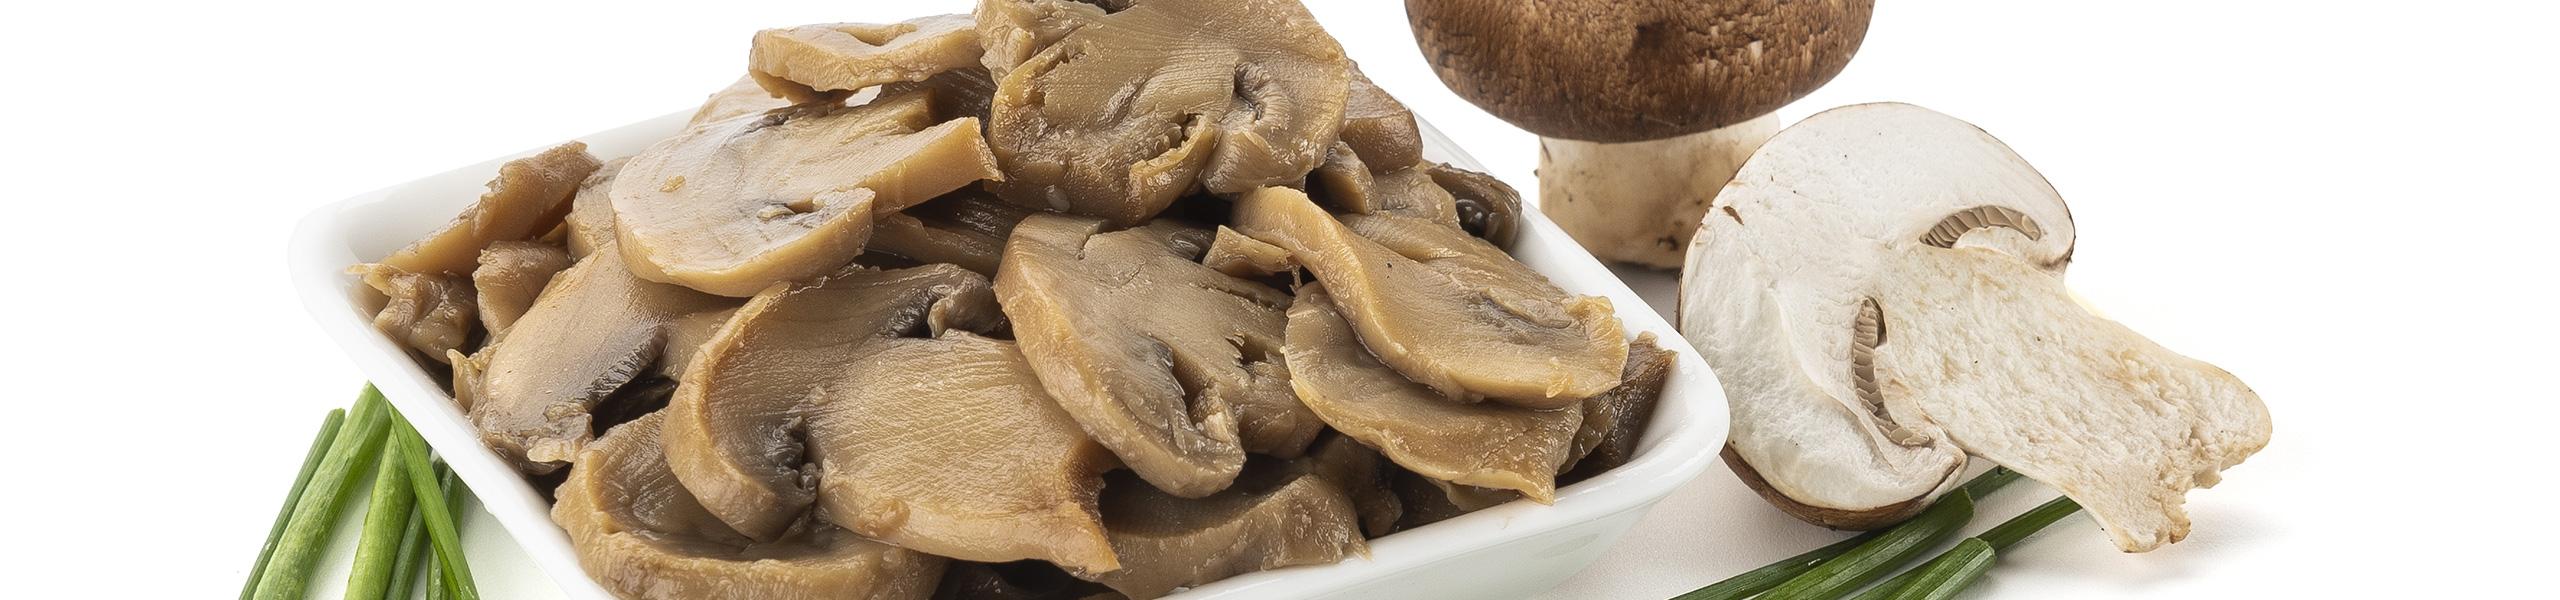 Funghi Champignons al naturale Maxi Resa